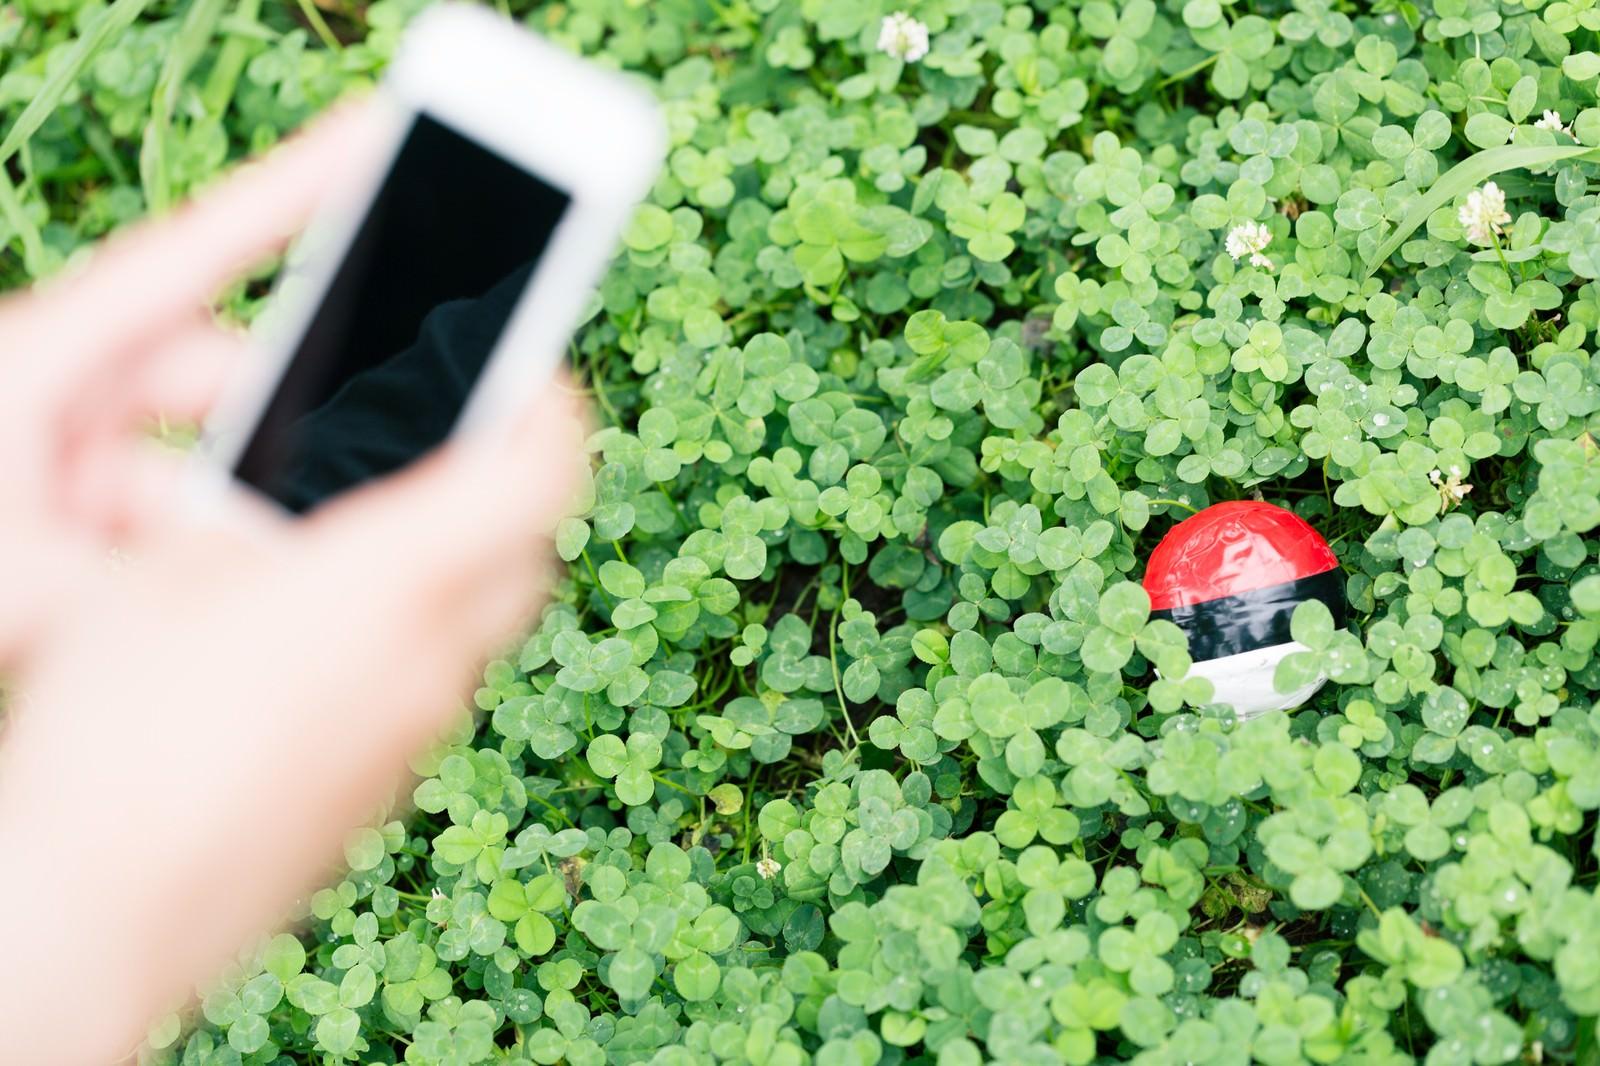 「草むらに隠れている紅白ボールを発見」の写真